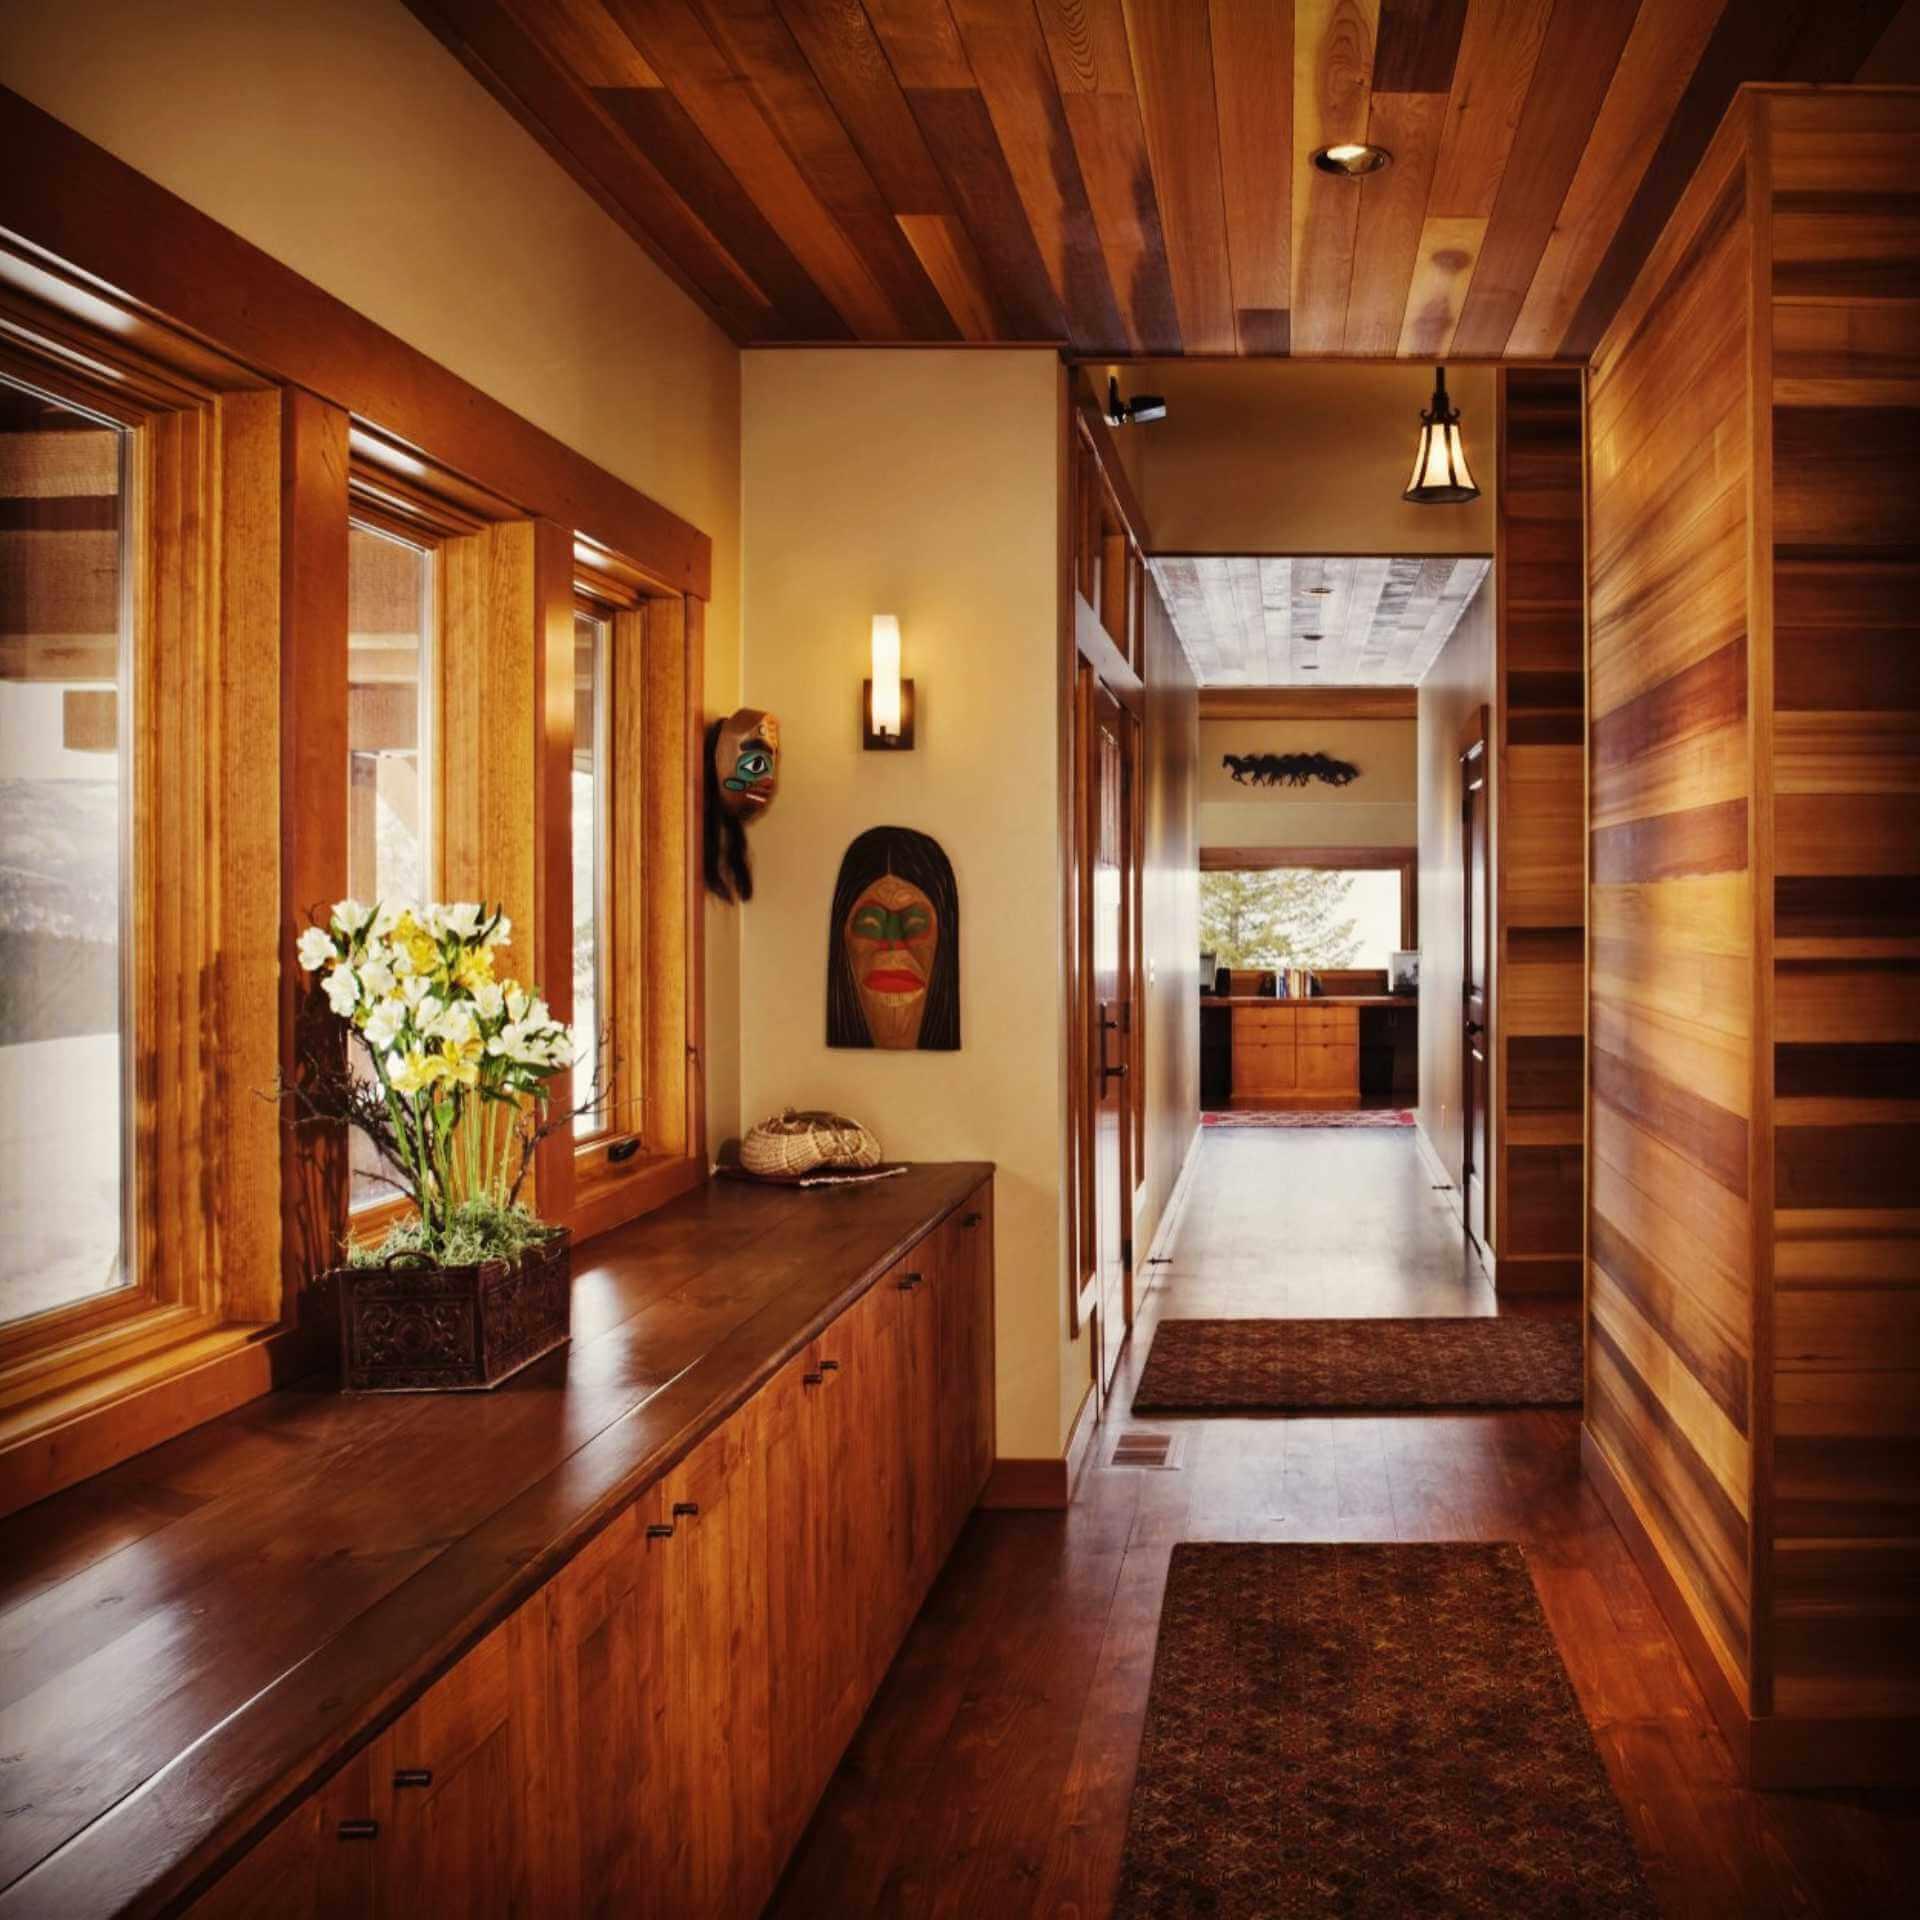 Why Design a Custom Home?